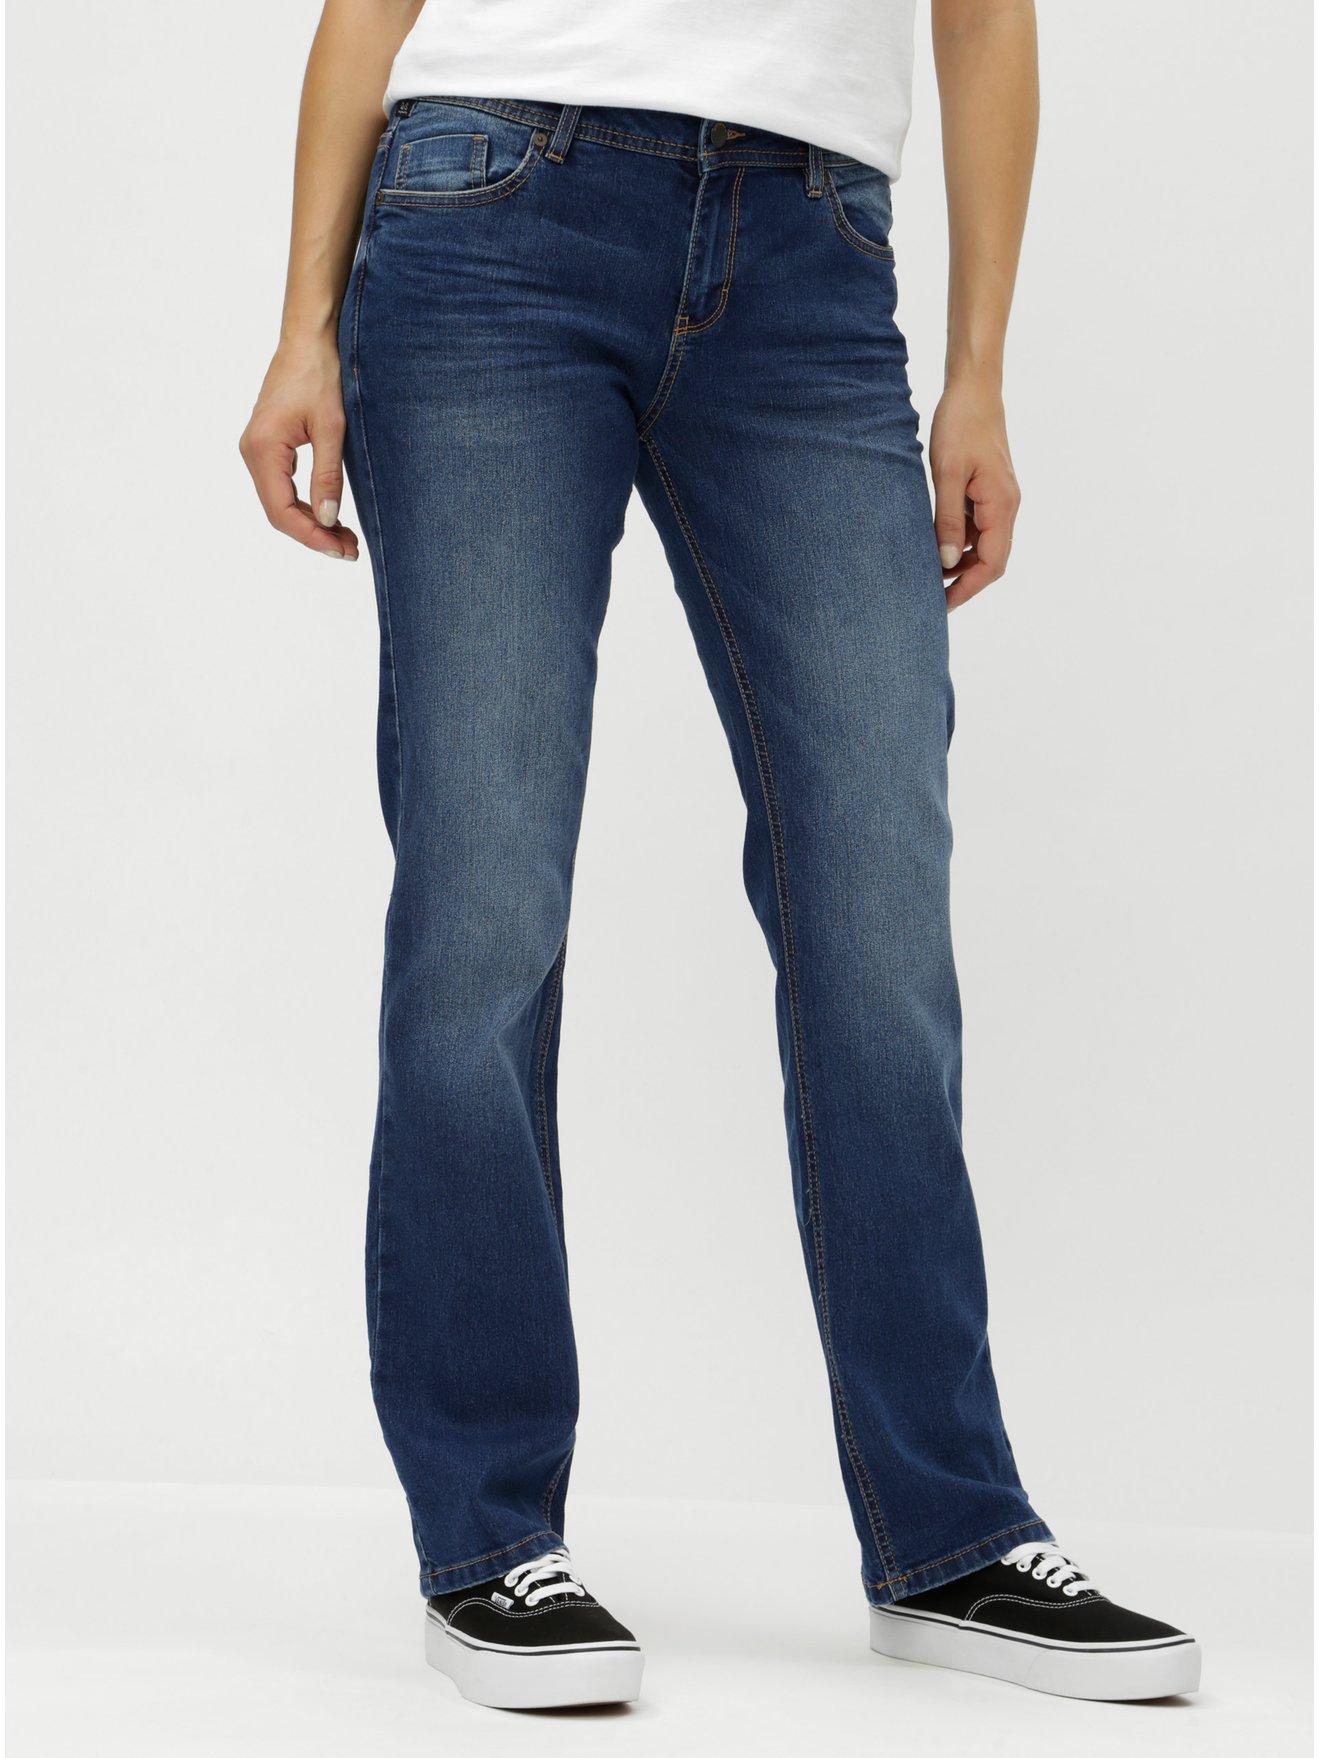 Modré dámské straight džíny s vyšisovaným efektem s.Oliver dfb4d13a94